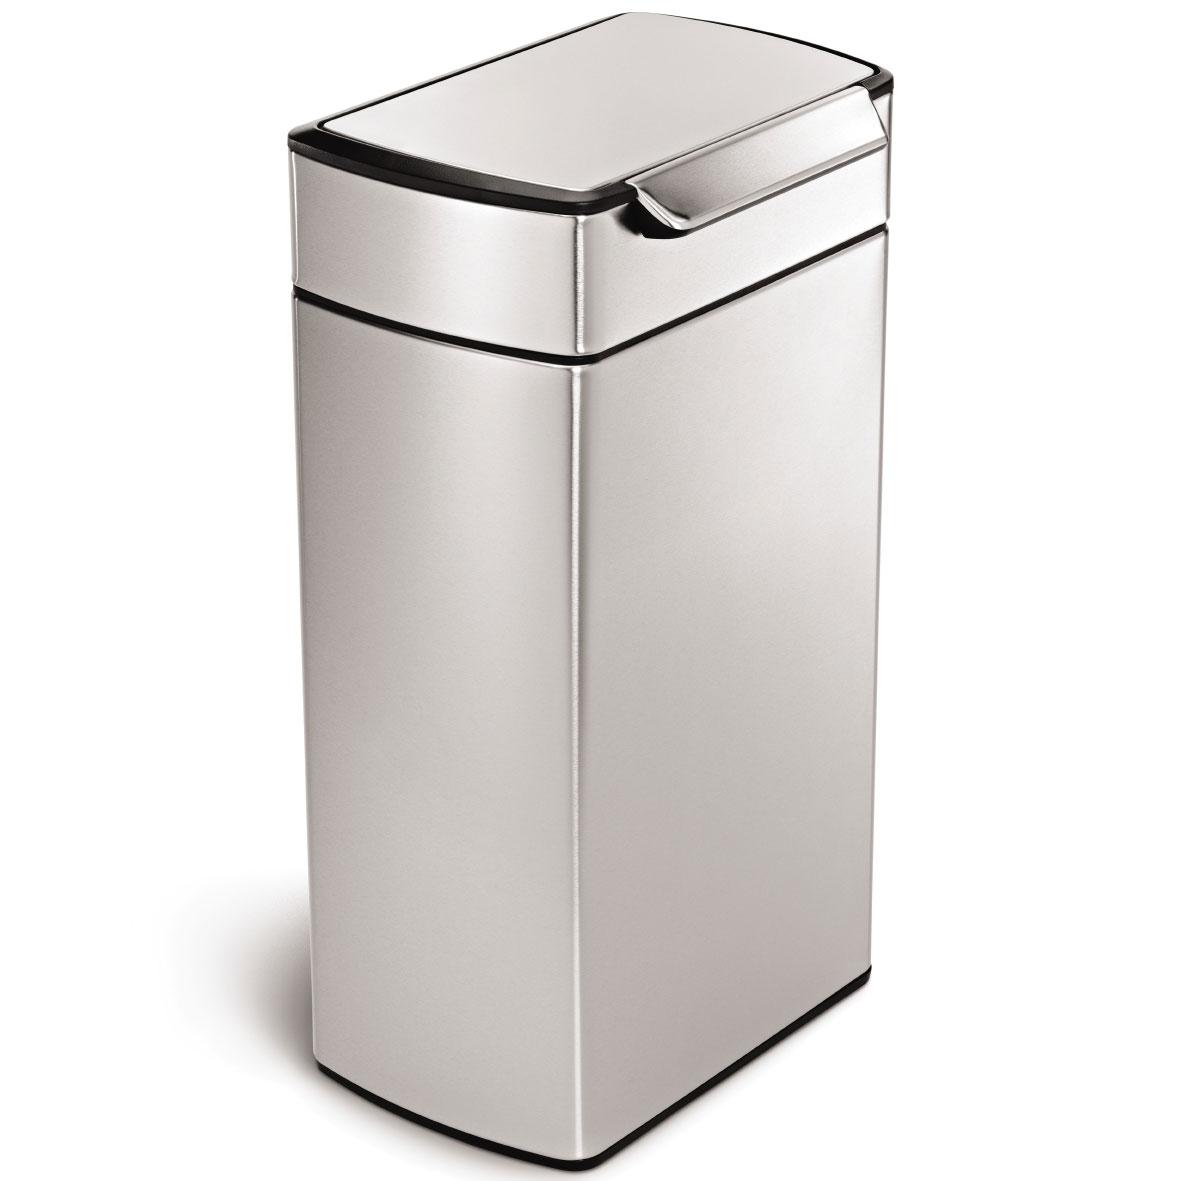 simplehuman ゴミ箱 タッチバーカン ふた付き ダストボックス ごみ箱 シンプルヒューマン 正規品 メーカー保証付き CW2014 レクタンギュラー 角型40L